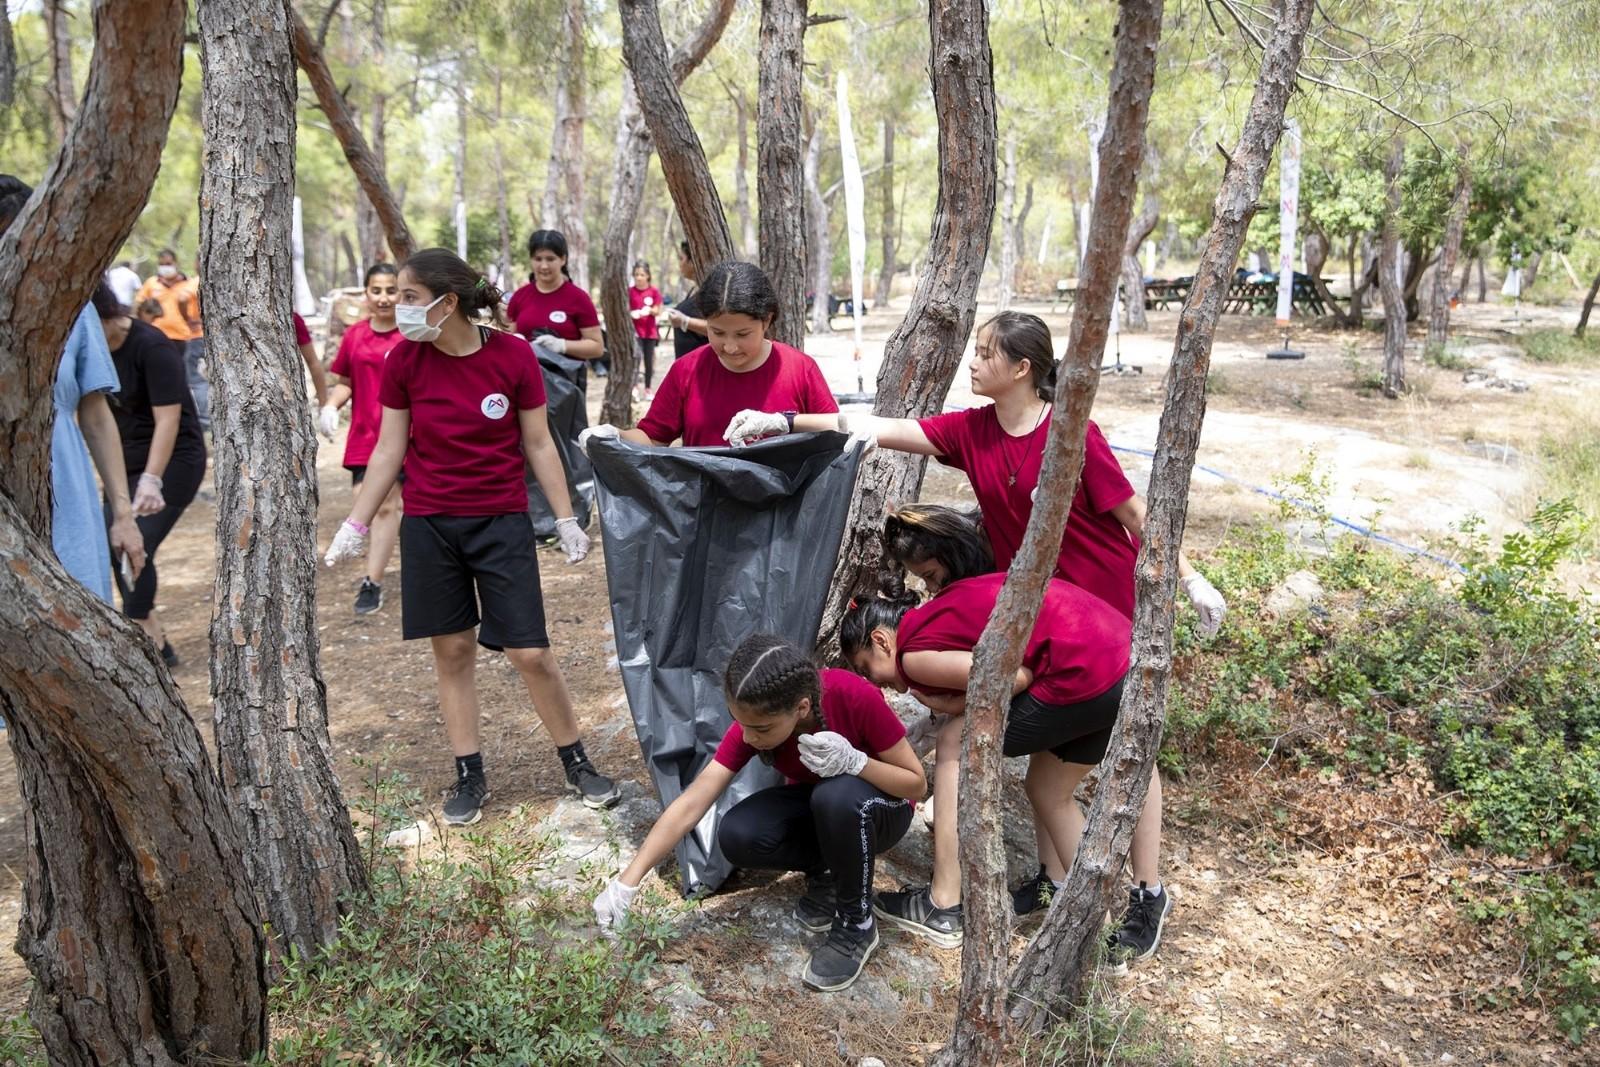 Kır Çiçekleri, Kuyuluk Tabiat Parkında çevre temizliği yaptı